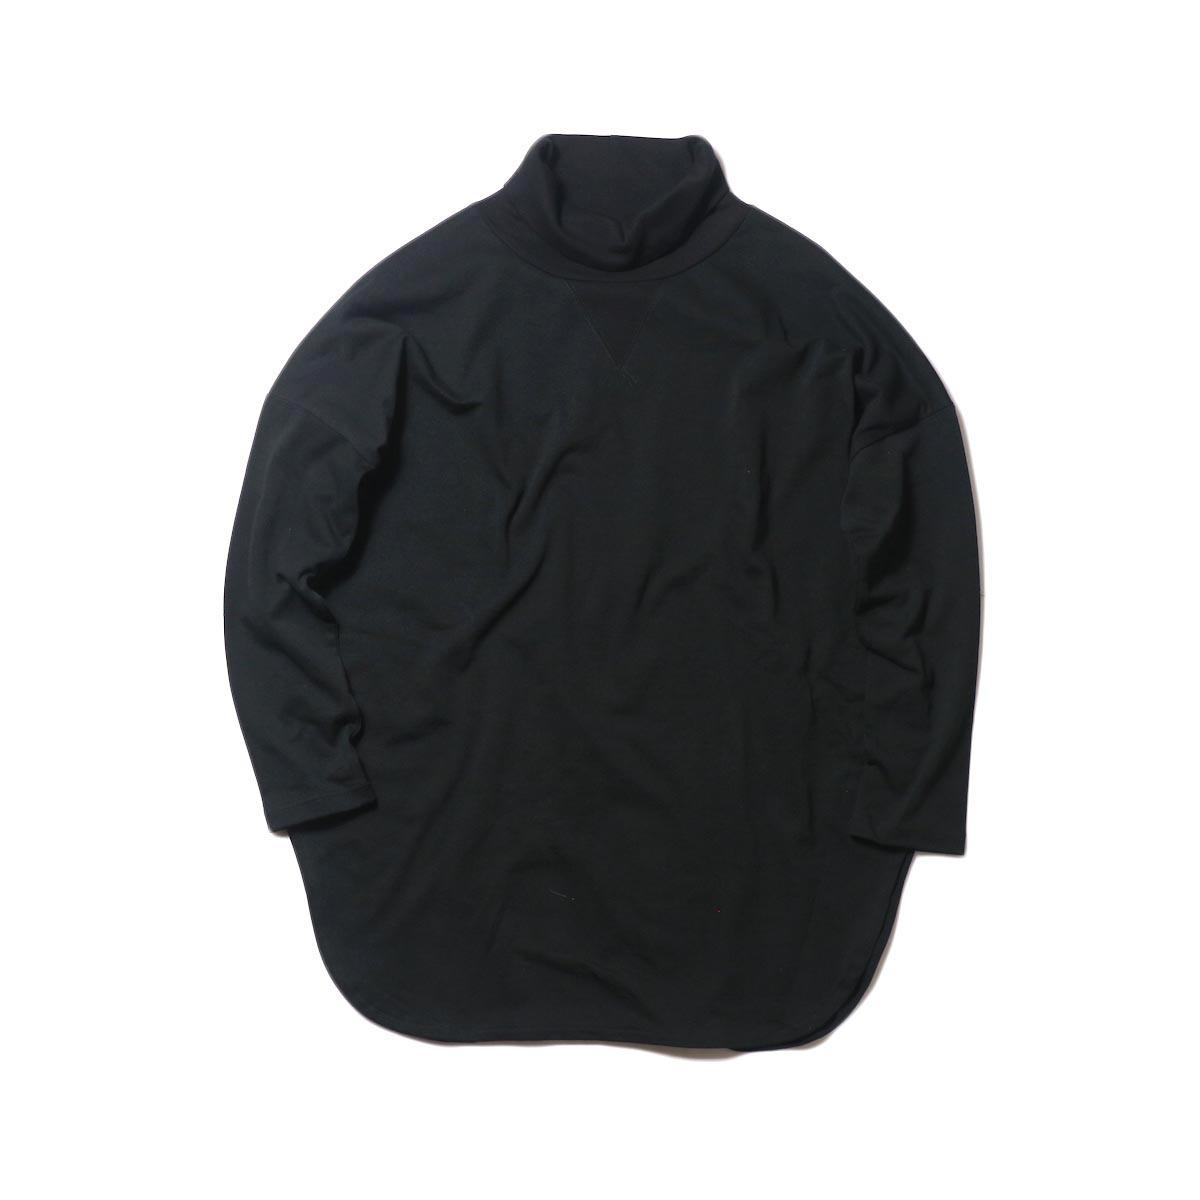 KHA:KI / ROUND HEM HIGH NECK TOP (black)